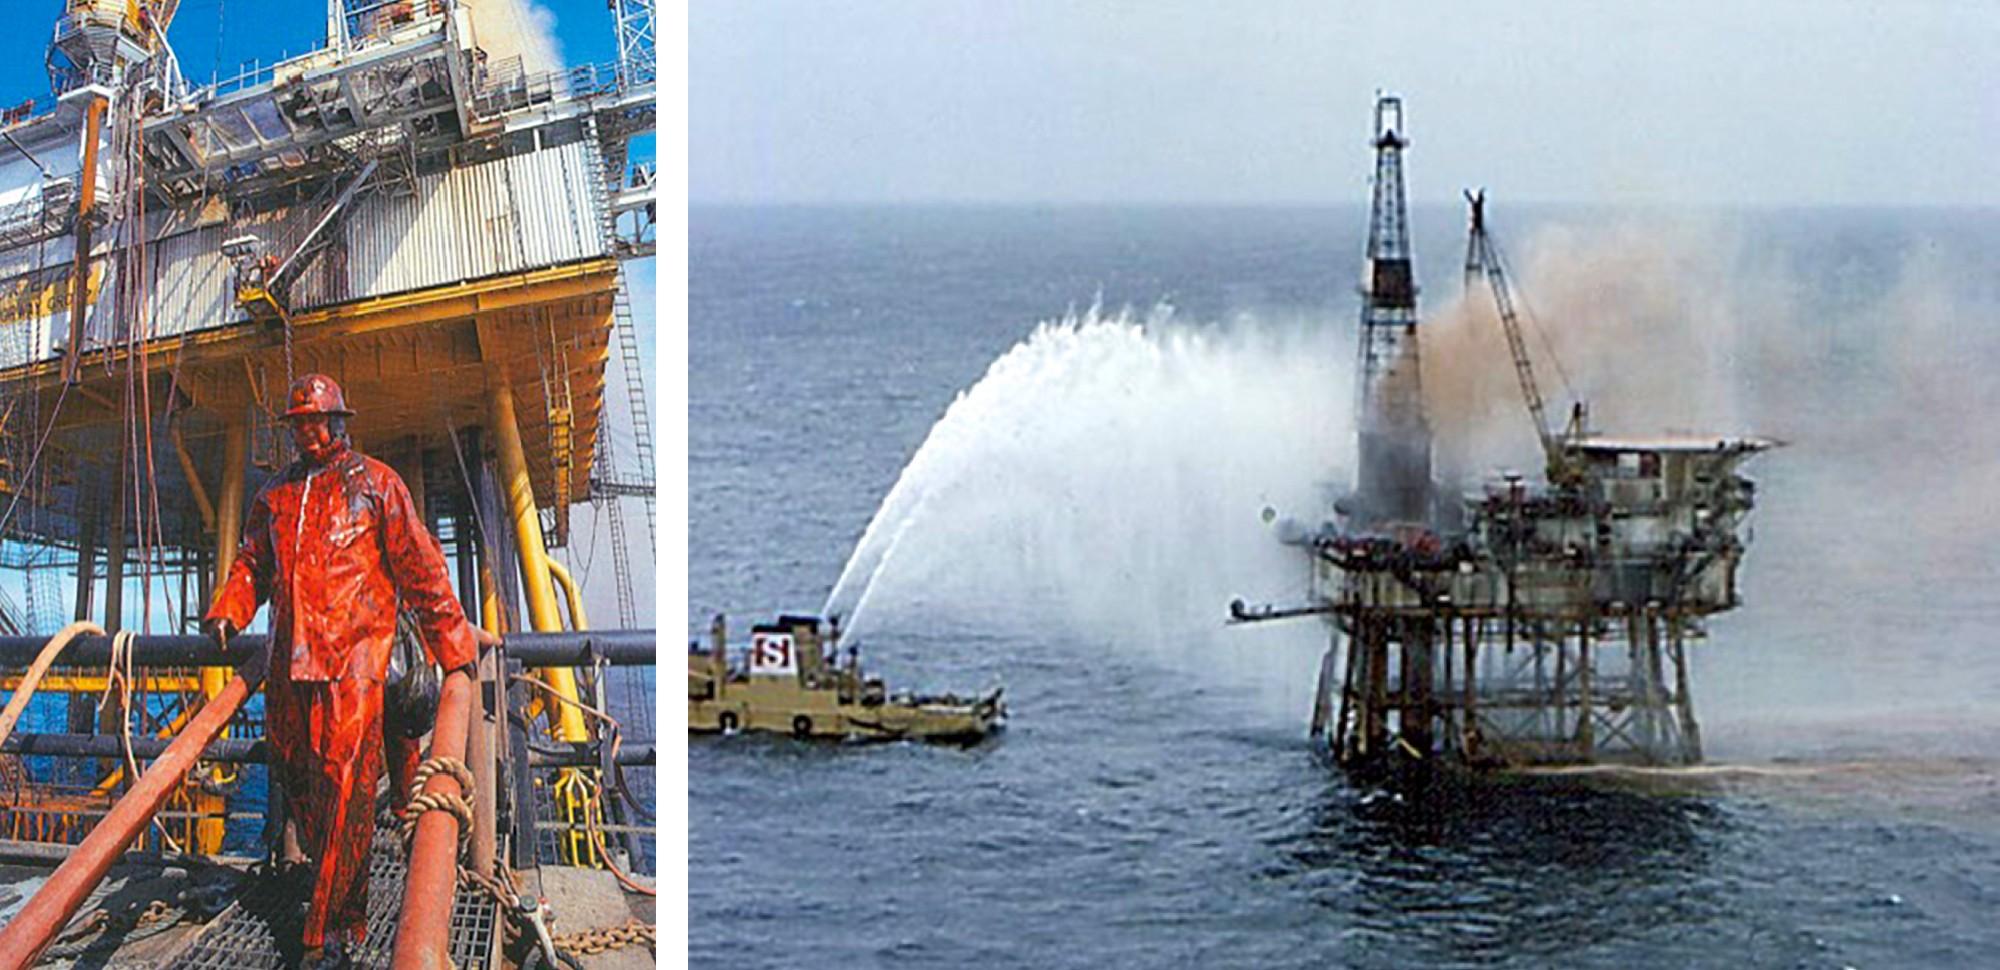 man wearing orange fire fighting gear; ship spraying water onto offshore platform